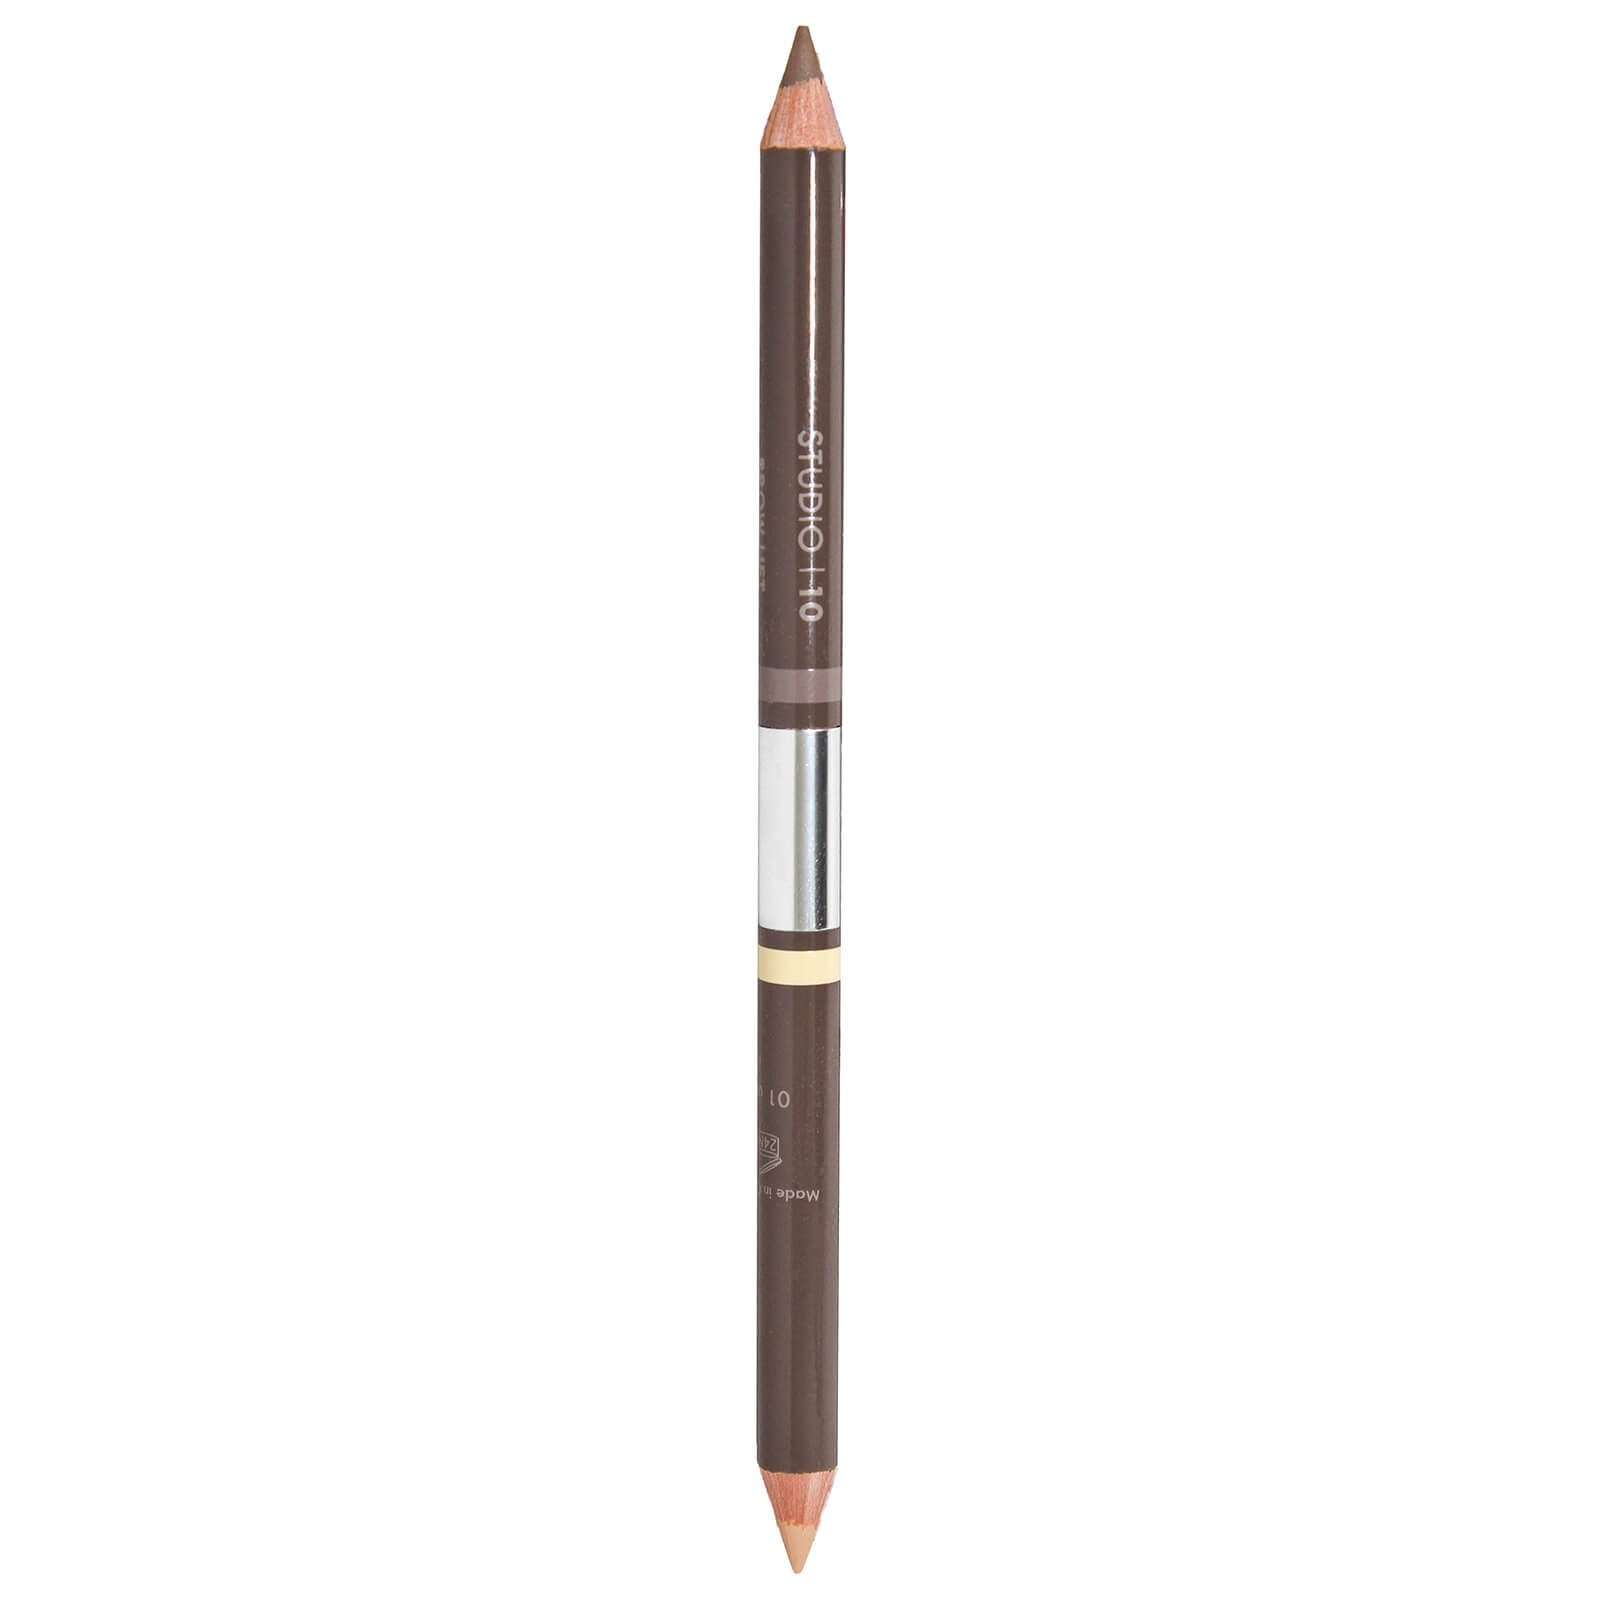 Купить Карандаш для бровей Studio 10 Brow Lift Perfecting Liner